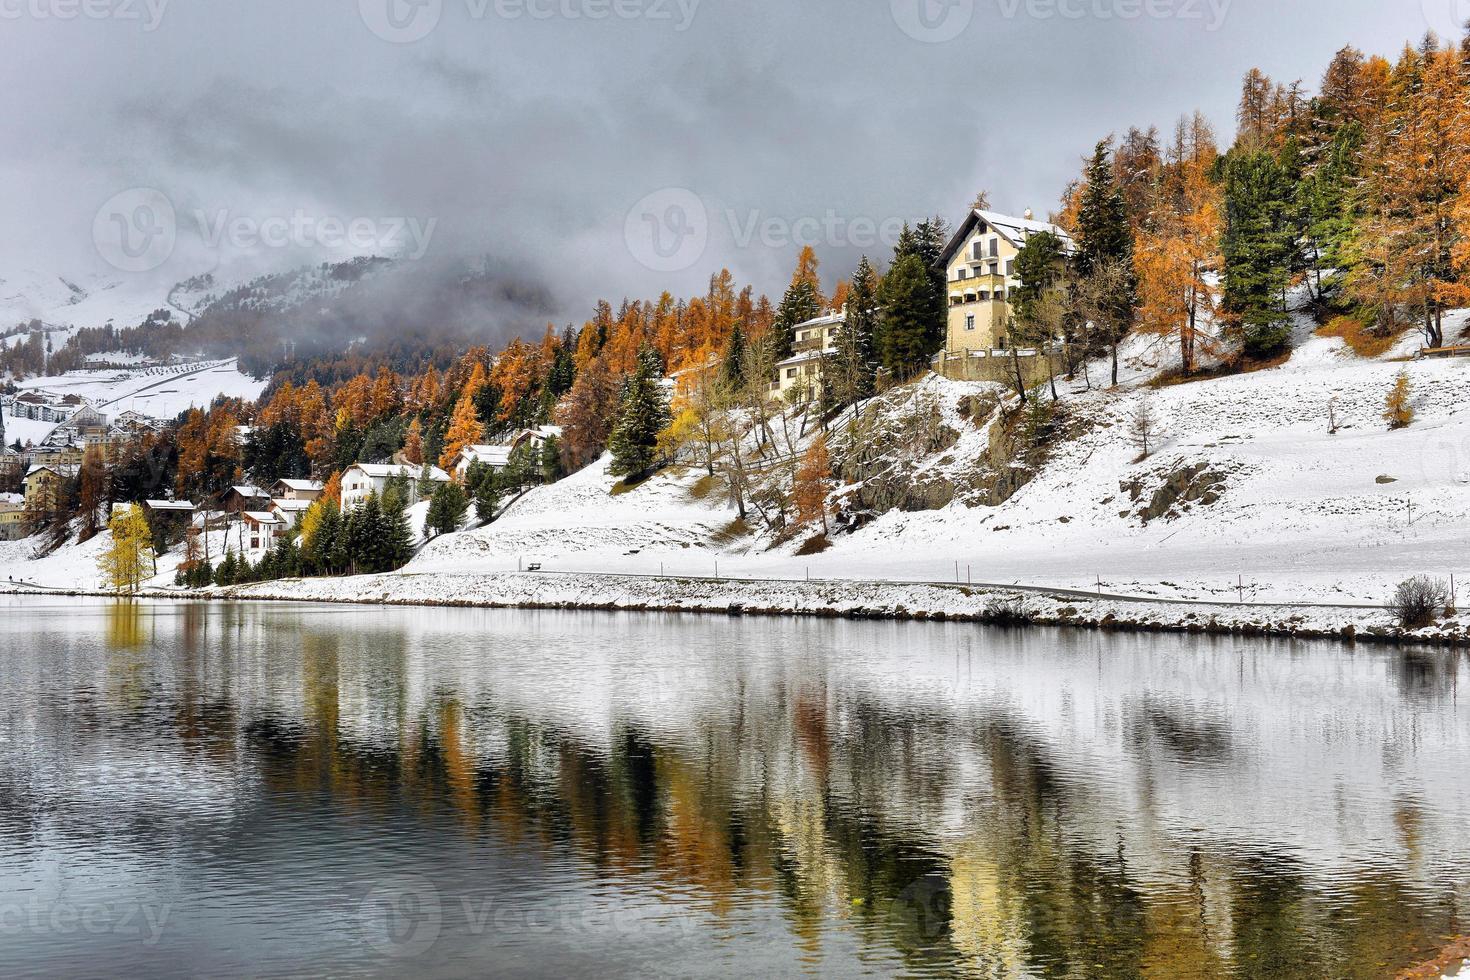 Lake St. moritz winter foto